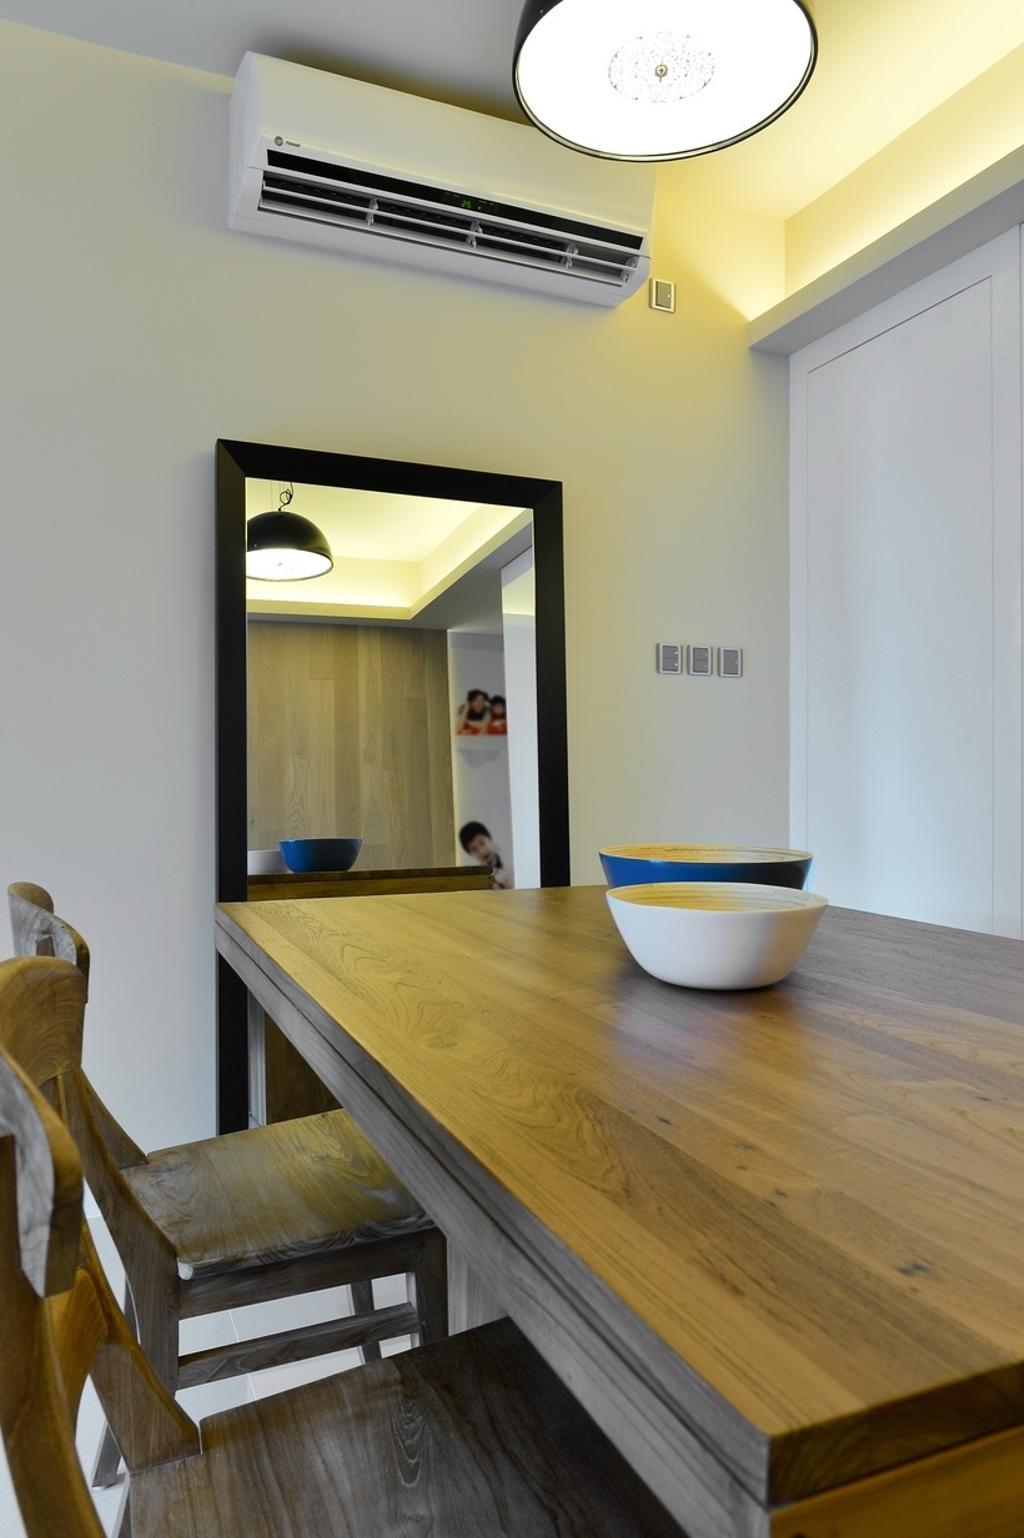 摩登, 私家樓, 飯廳, 尚御, 室內設計師, KOO interior design, Light Fixture, Lighting, Cup, Plywood, Wood